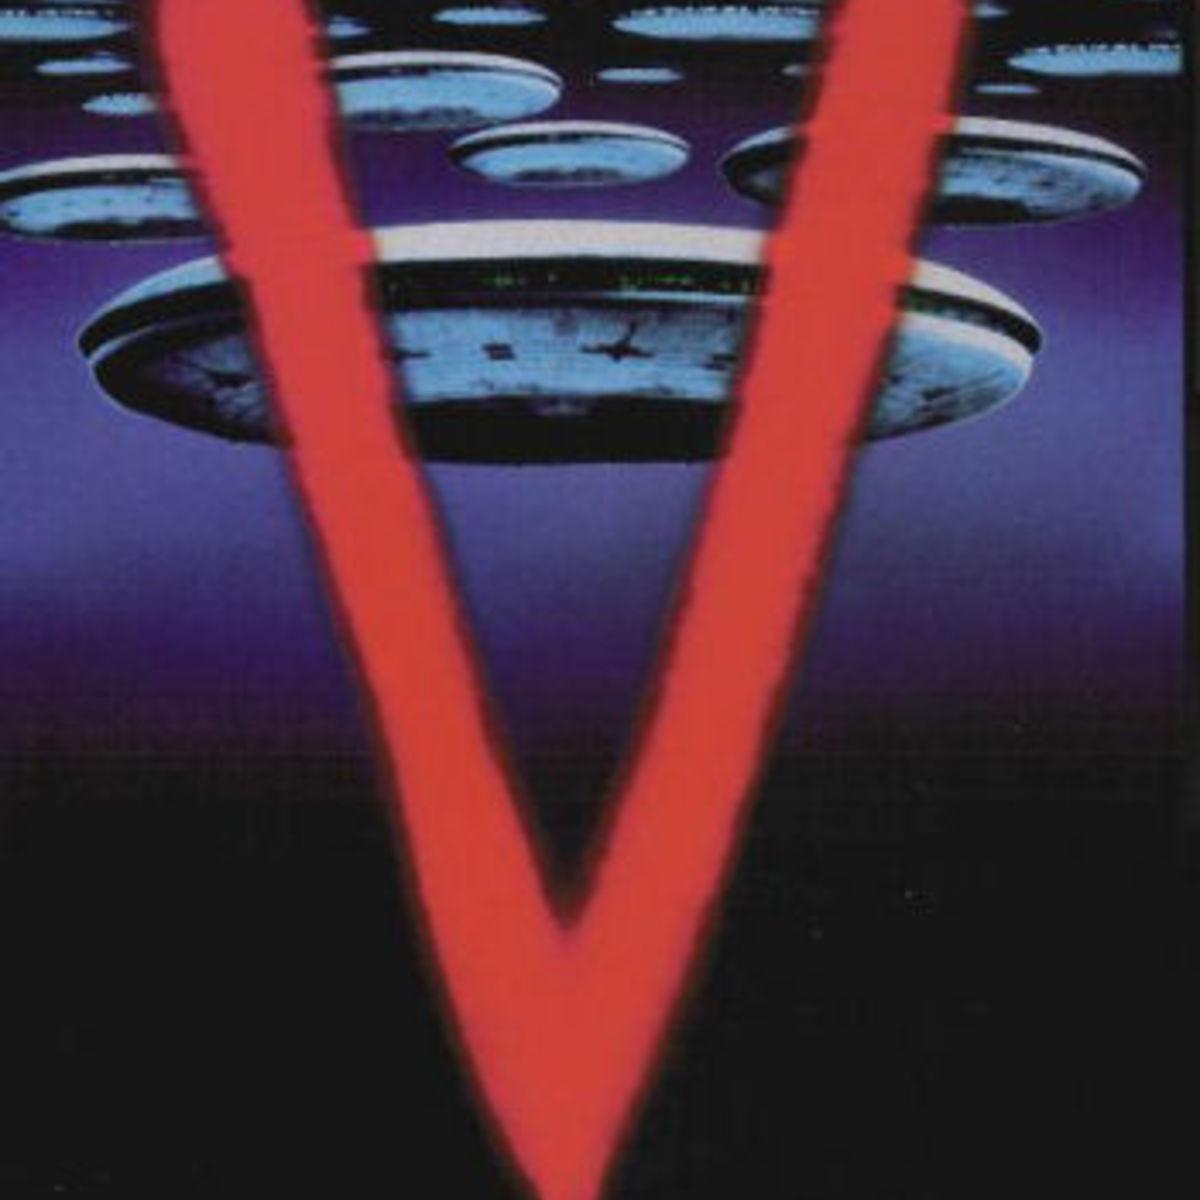 V_miniseries_poster_2.jpg